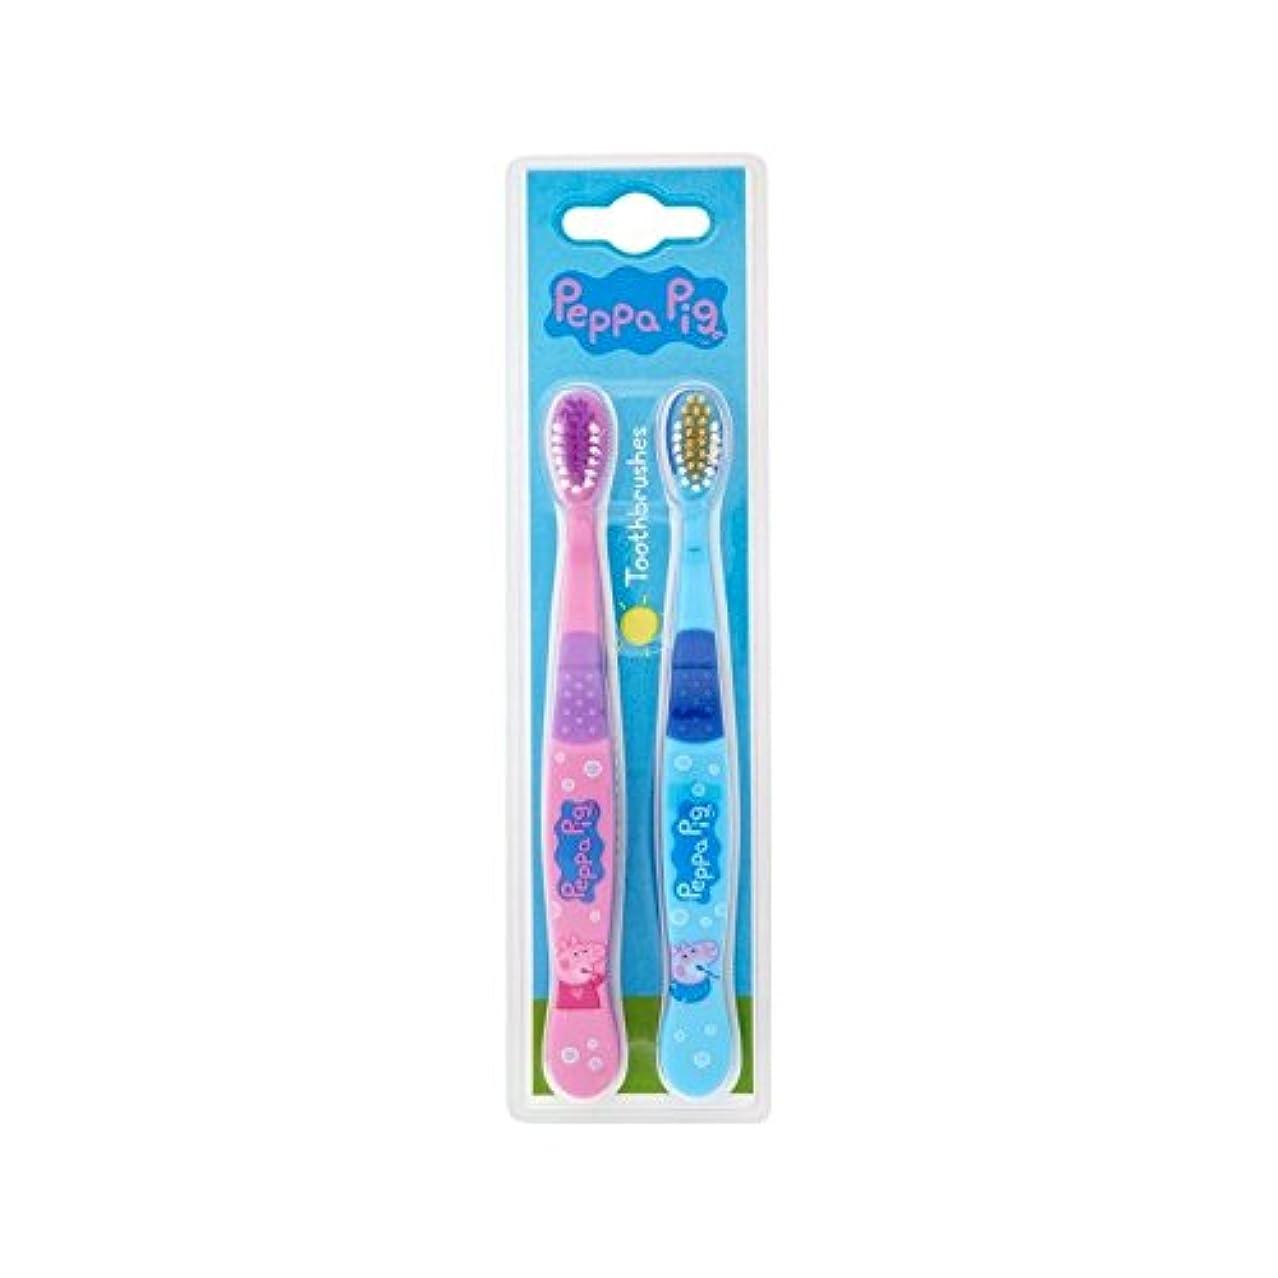 提唱するフラグラント交換可能1パックツイン歯ブラシ2 (Peppa Pig) - Peppa Pig Twin Toothbrush 2 per pack [並行輸入品]